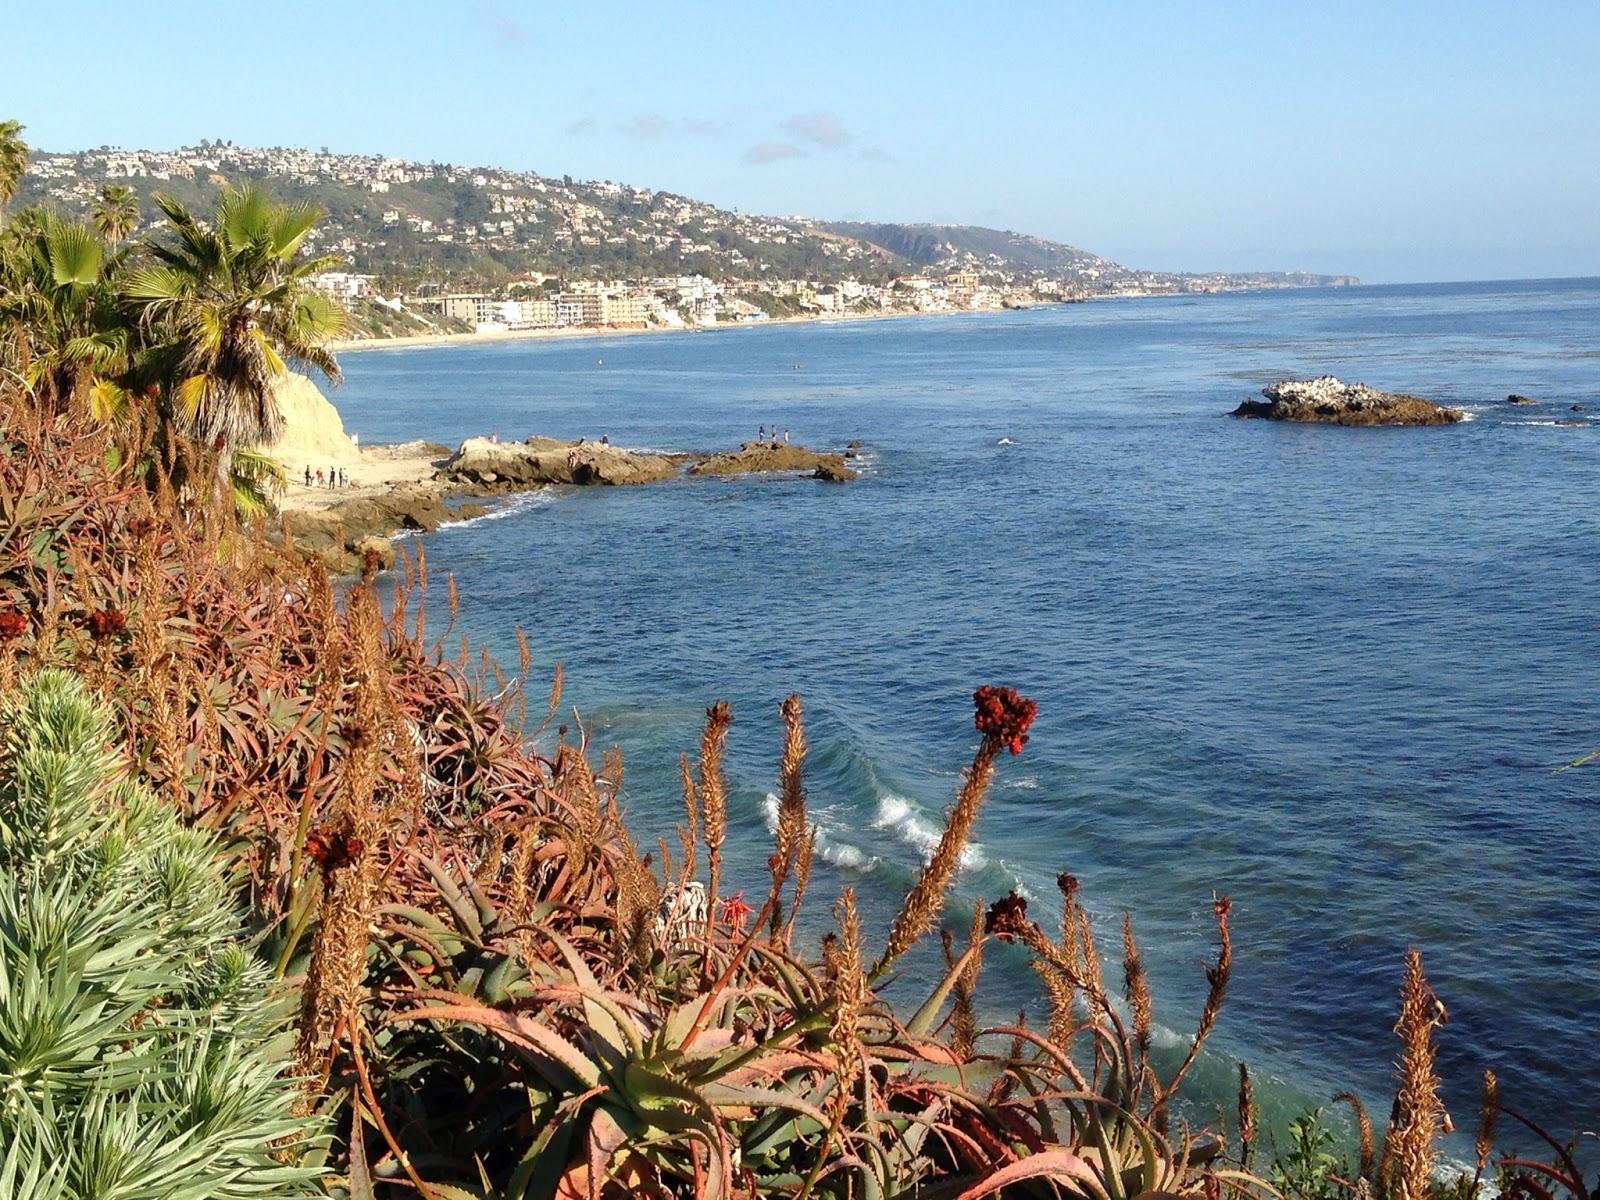 Laguna Beach and the Pacific ocean